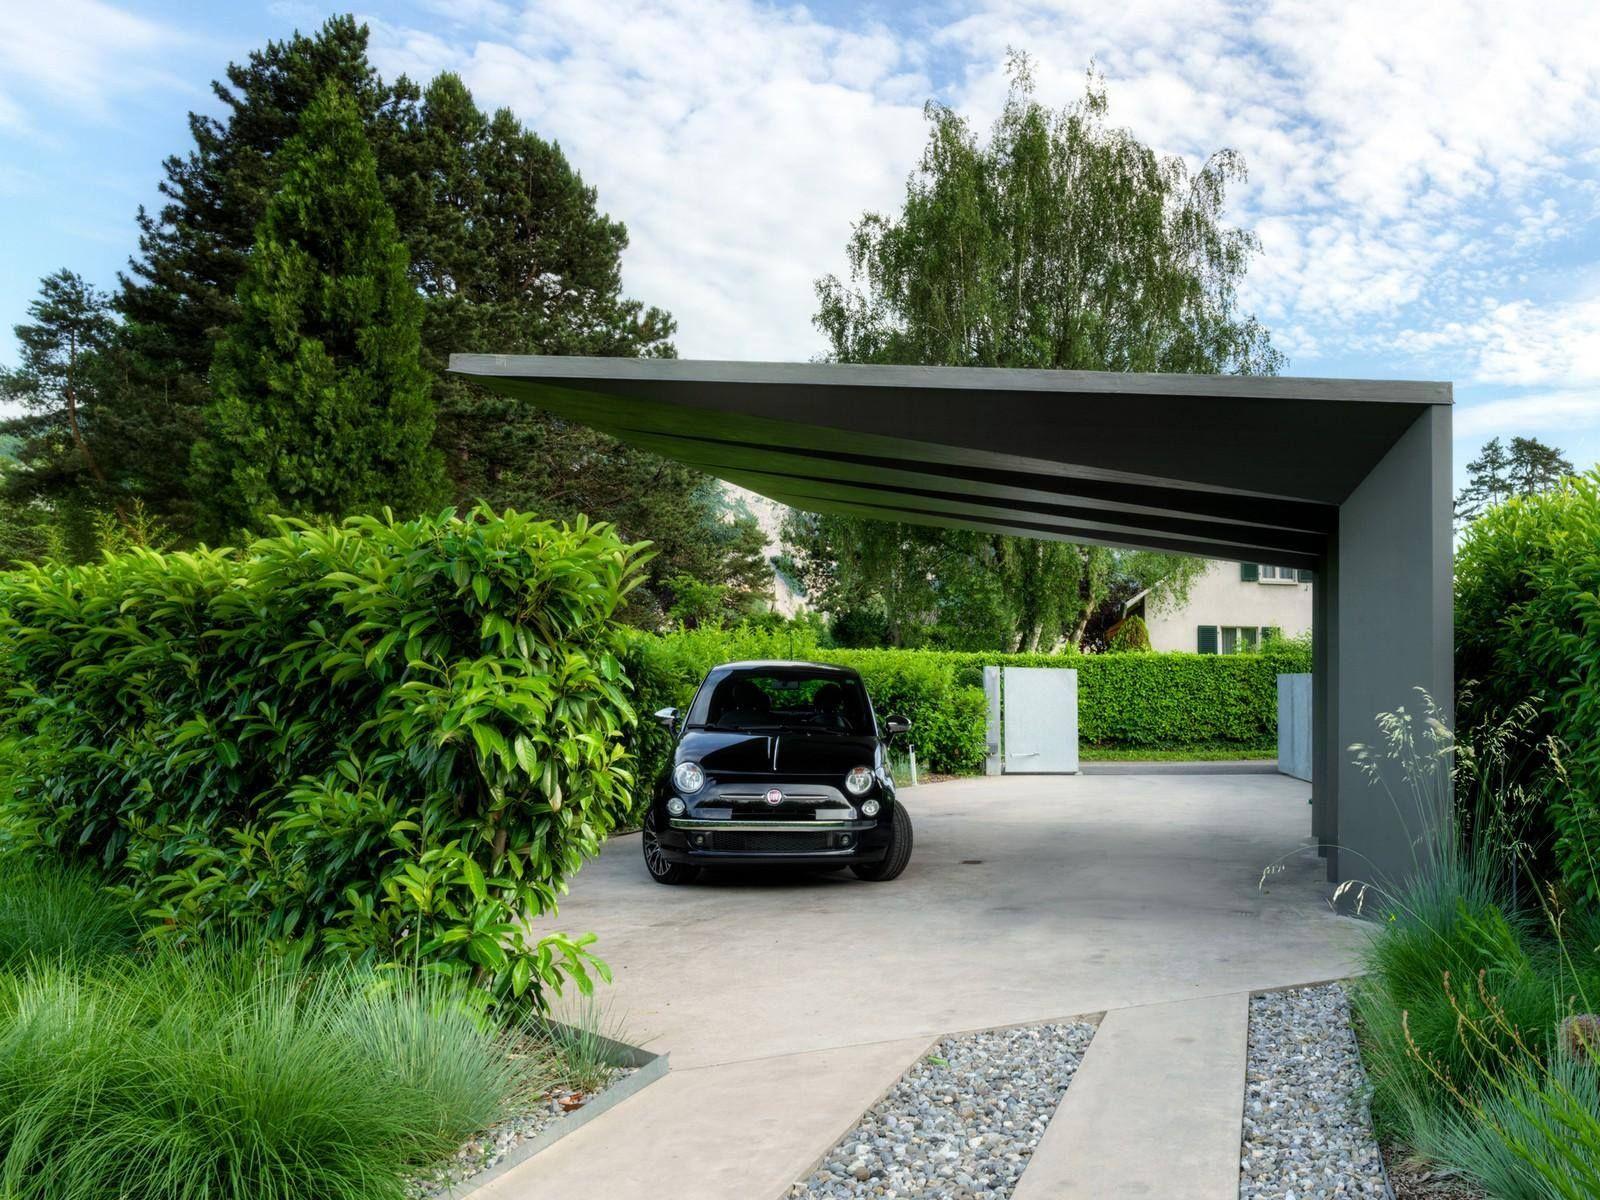 Cochera Kanopi Pintu Gerbang Dekorasi Rumah